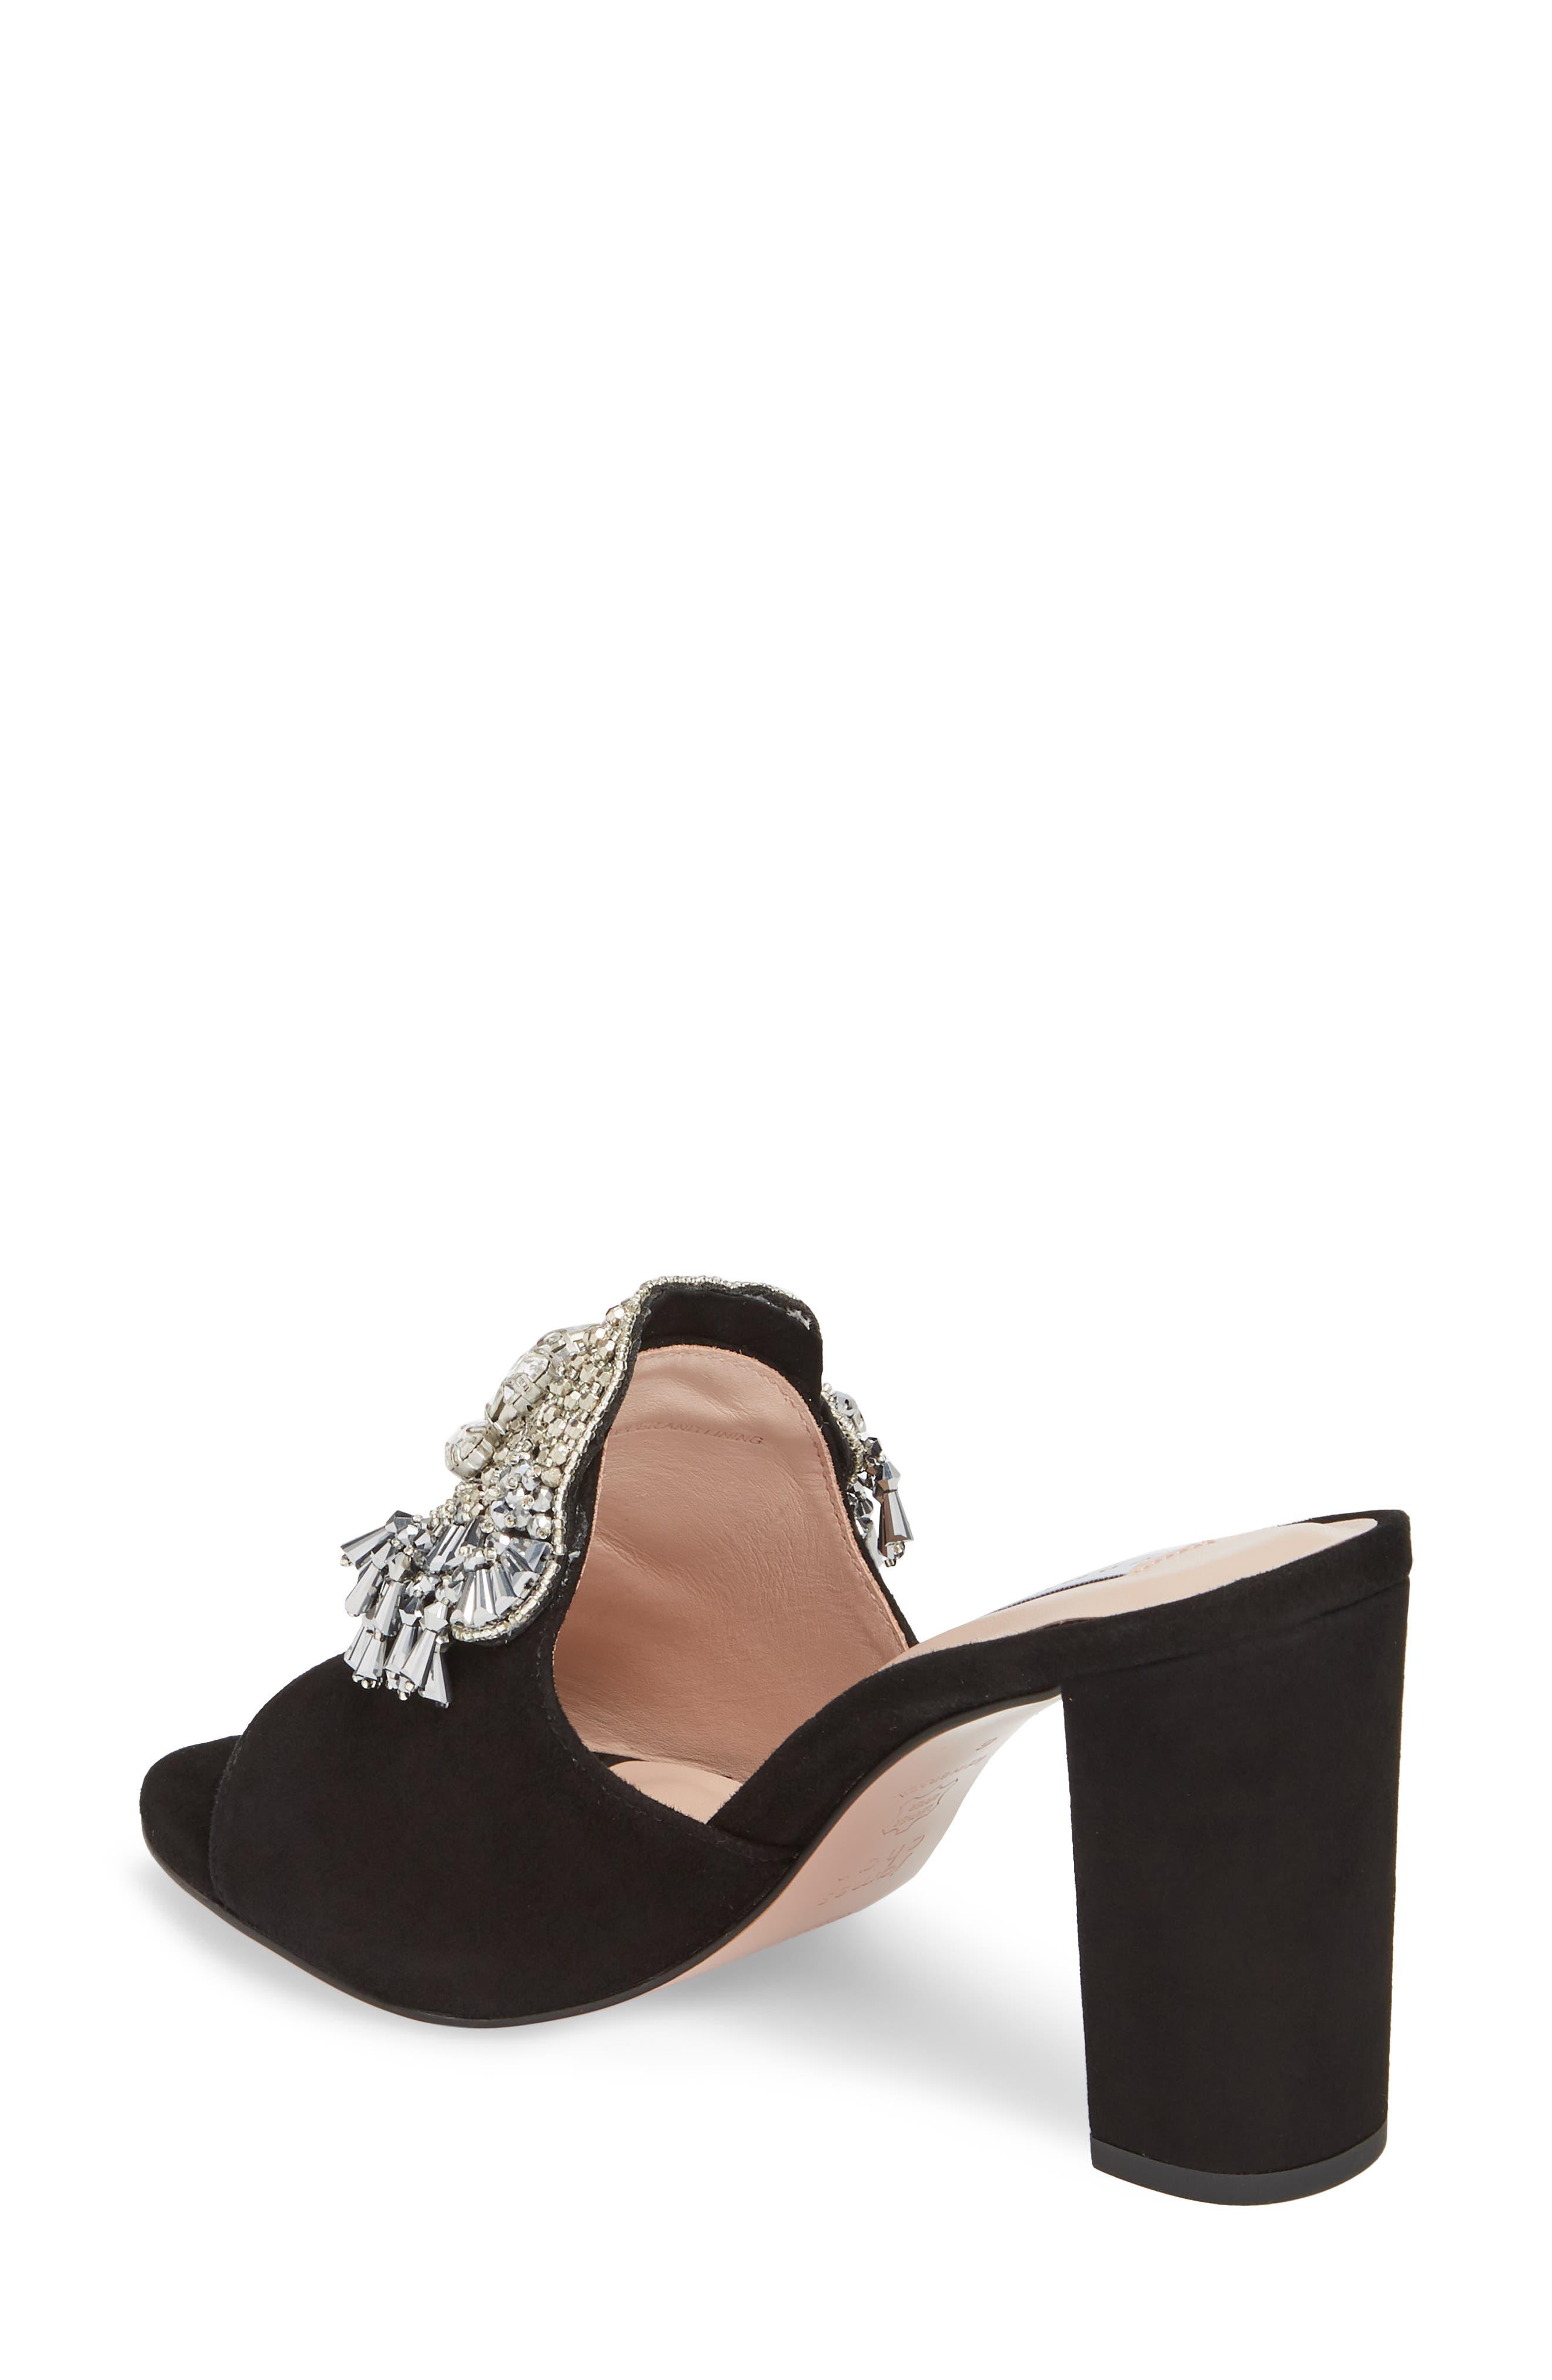 Adele Embellished Block Heel Sandal,                             Alternate thumbnail 2, color,                             001